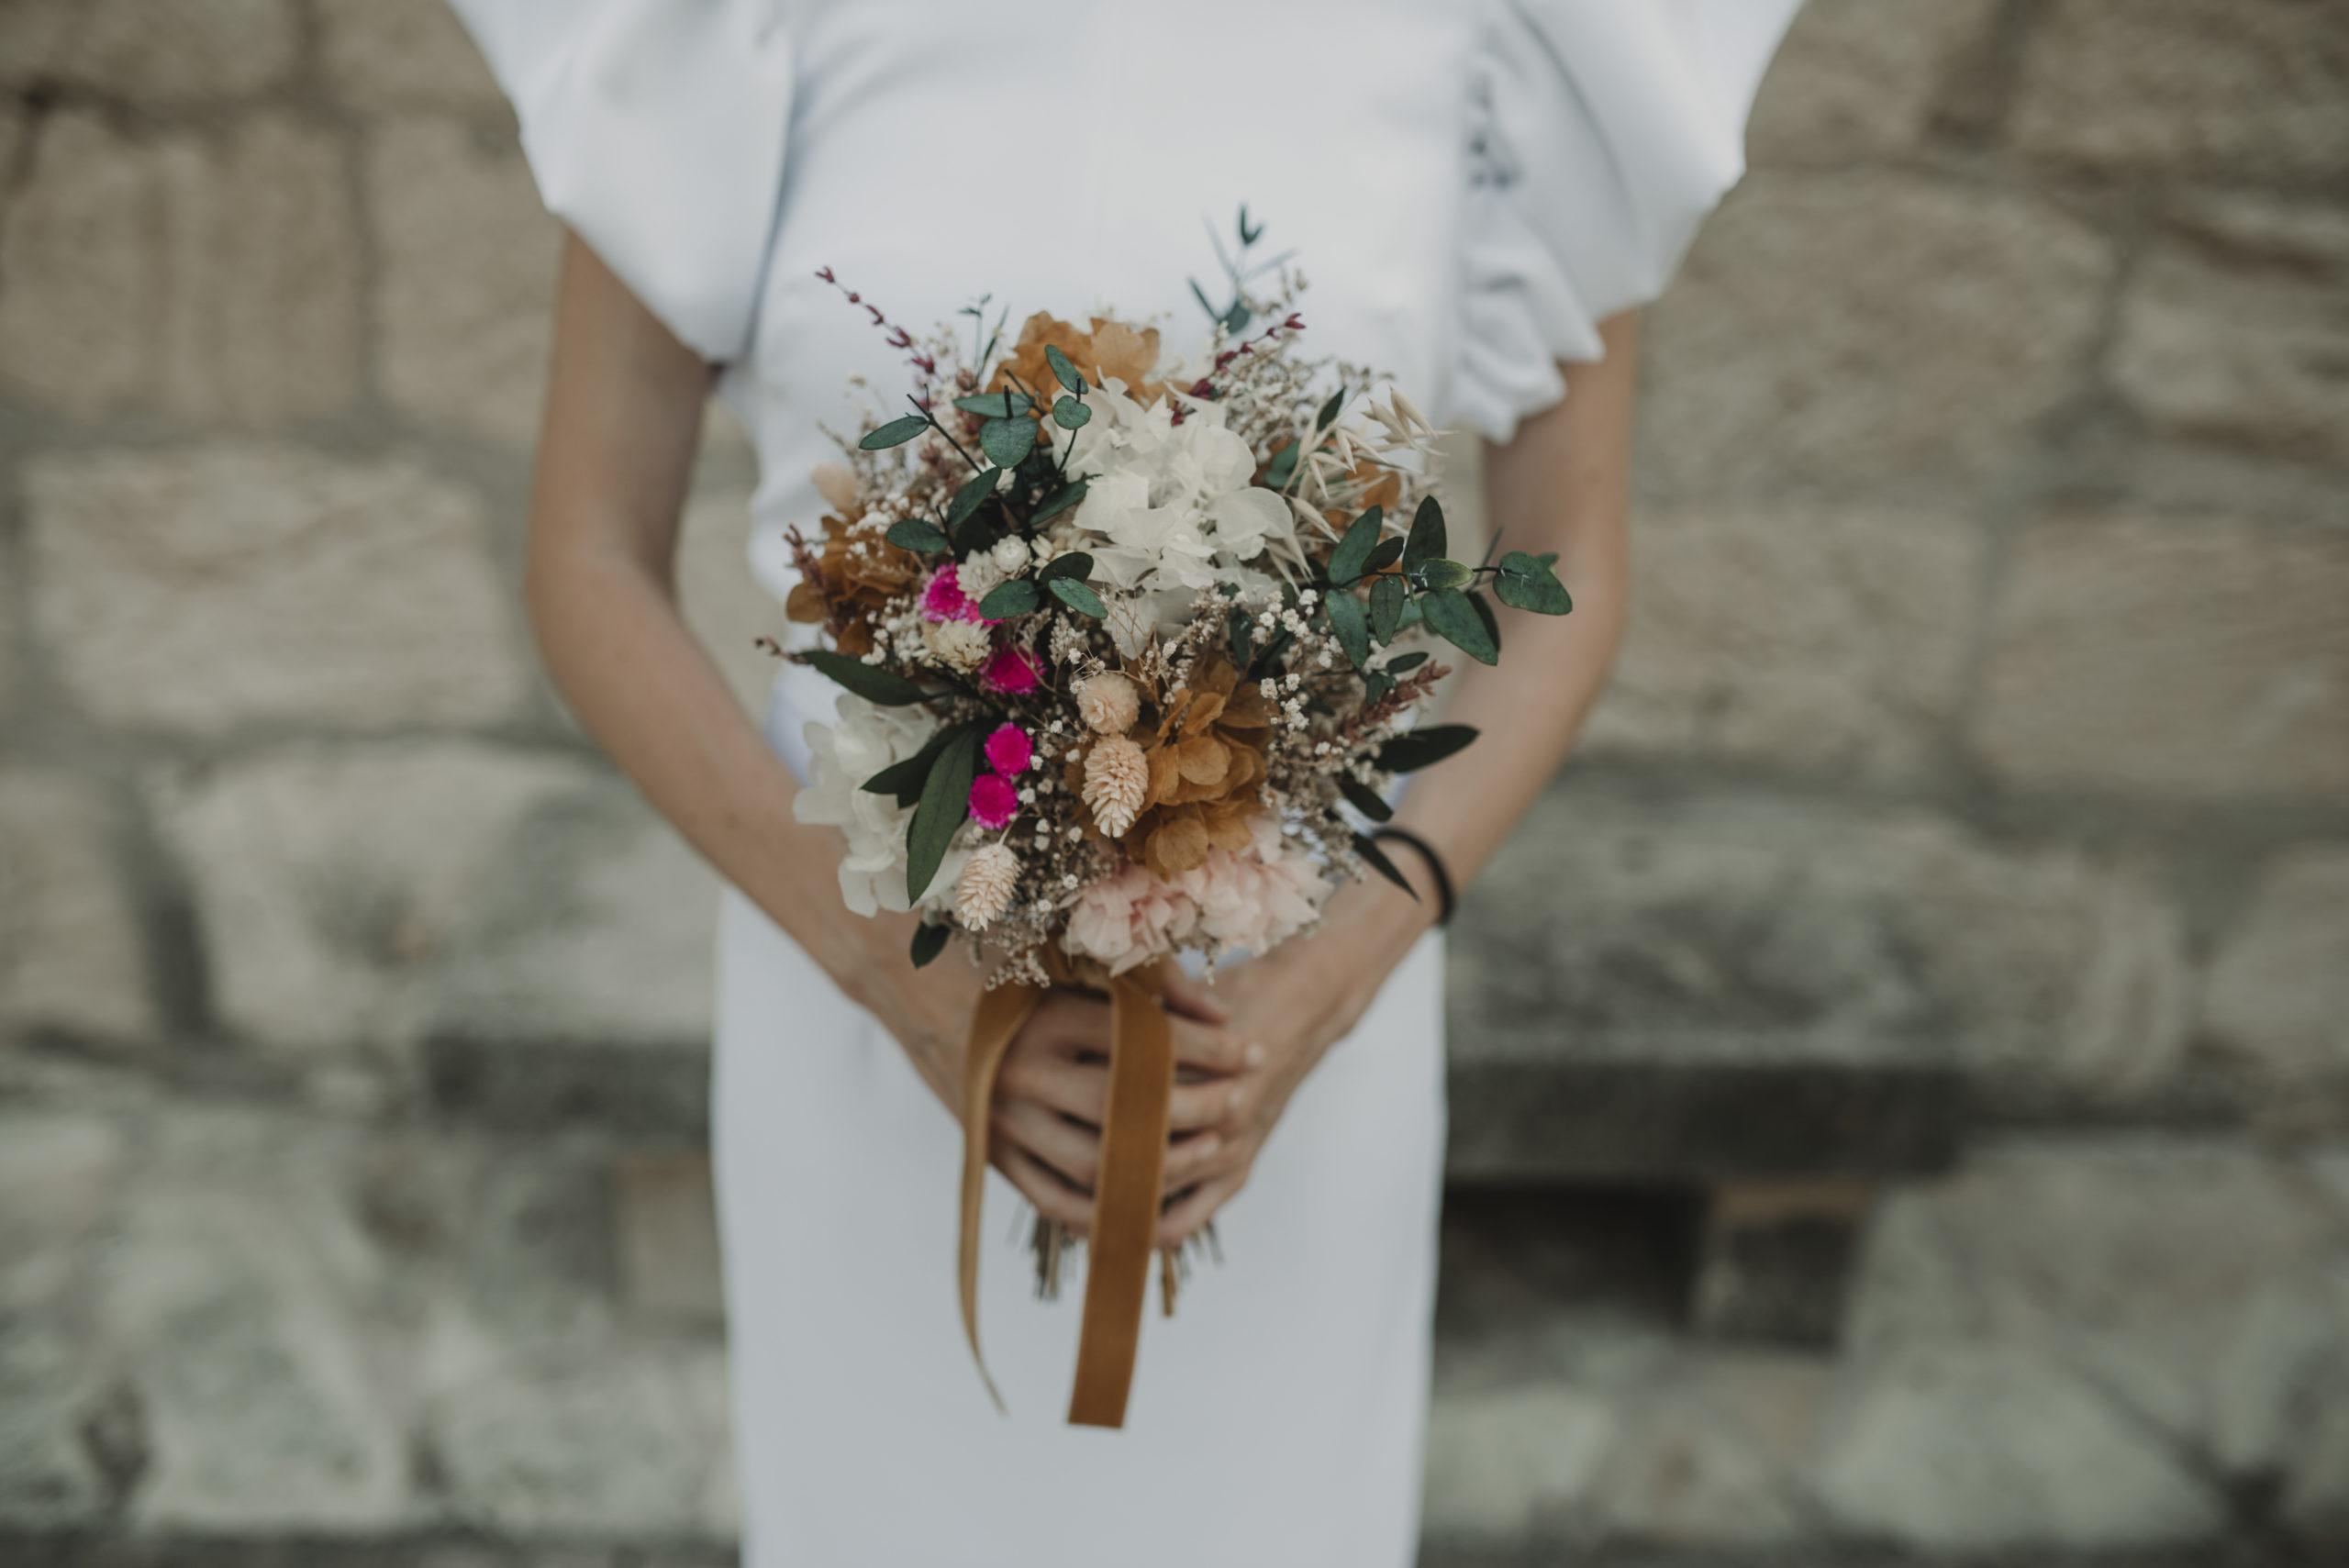 Ramos de novia preservados de Le Graine: 100% personalizados